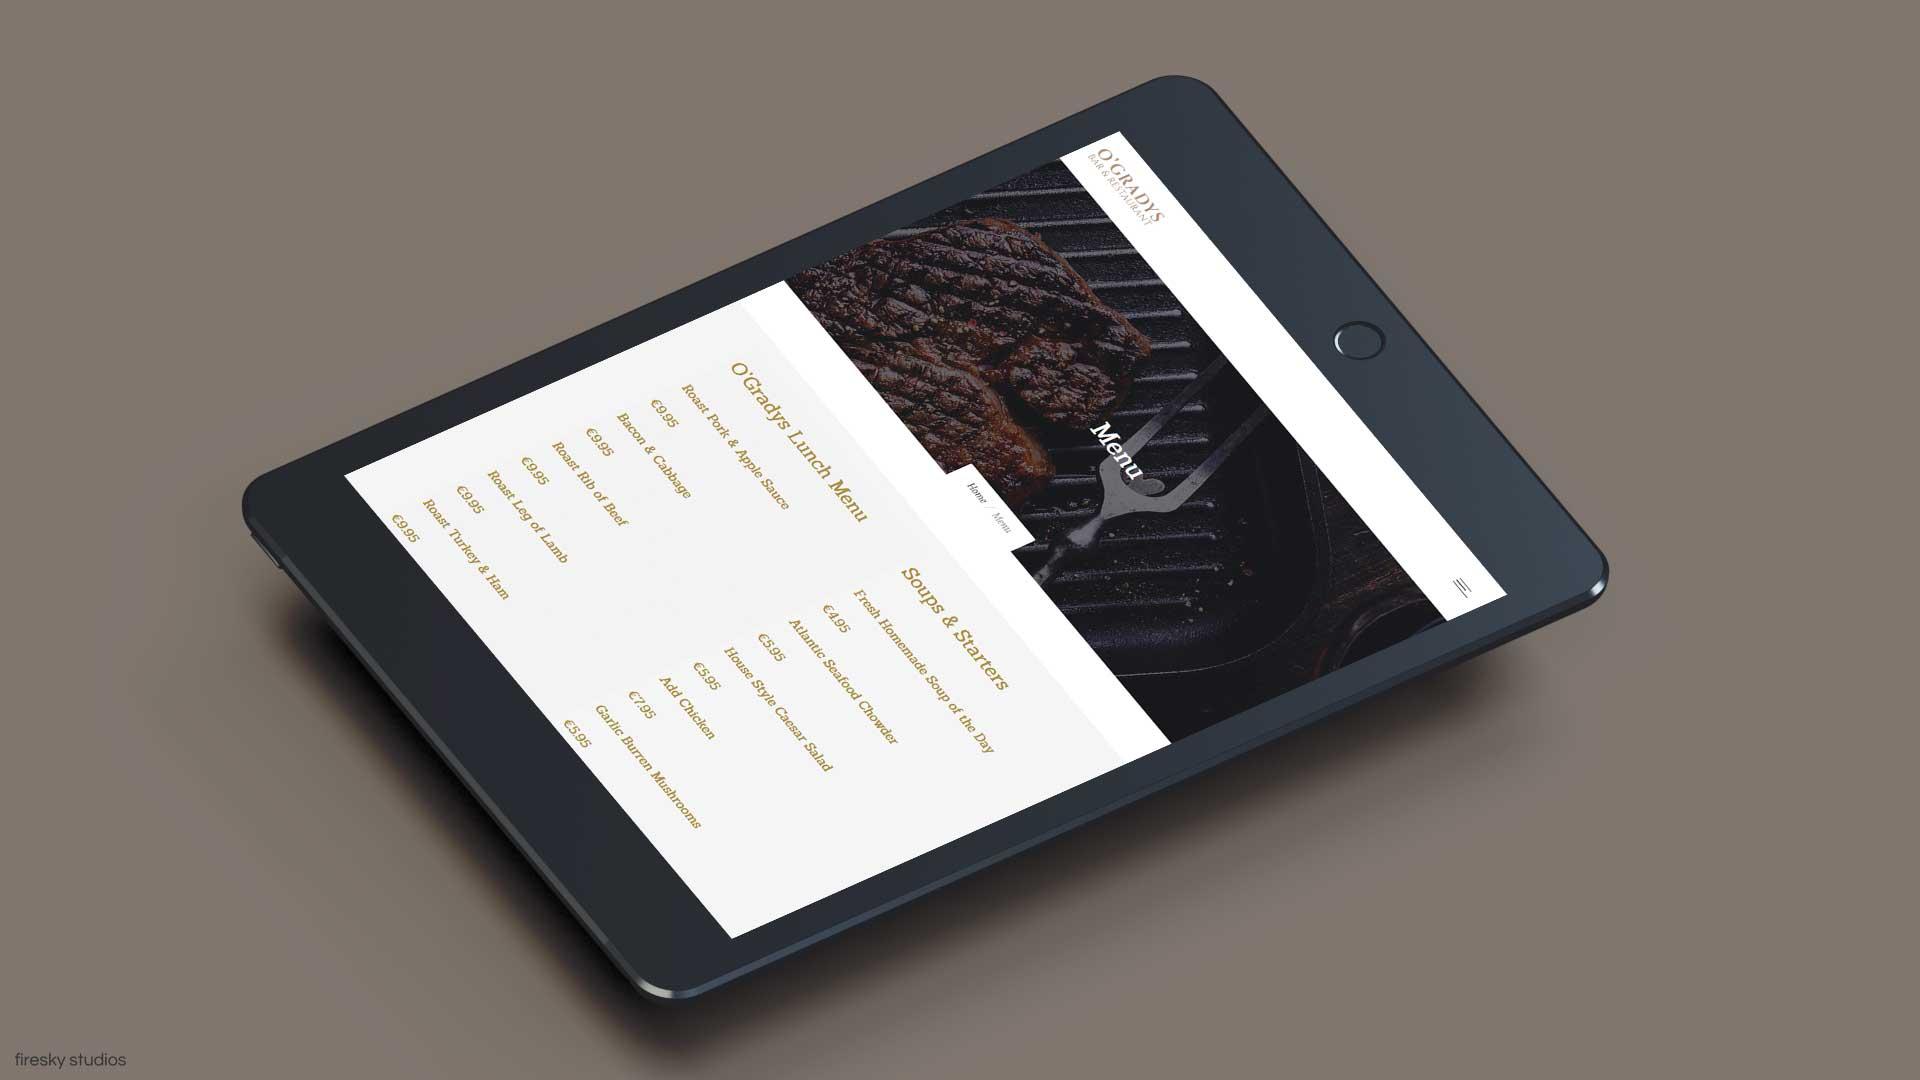 Restaurant-menu-tablet